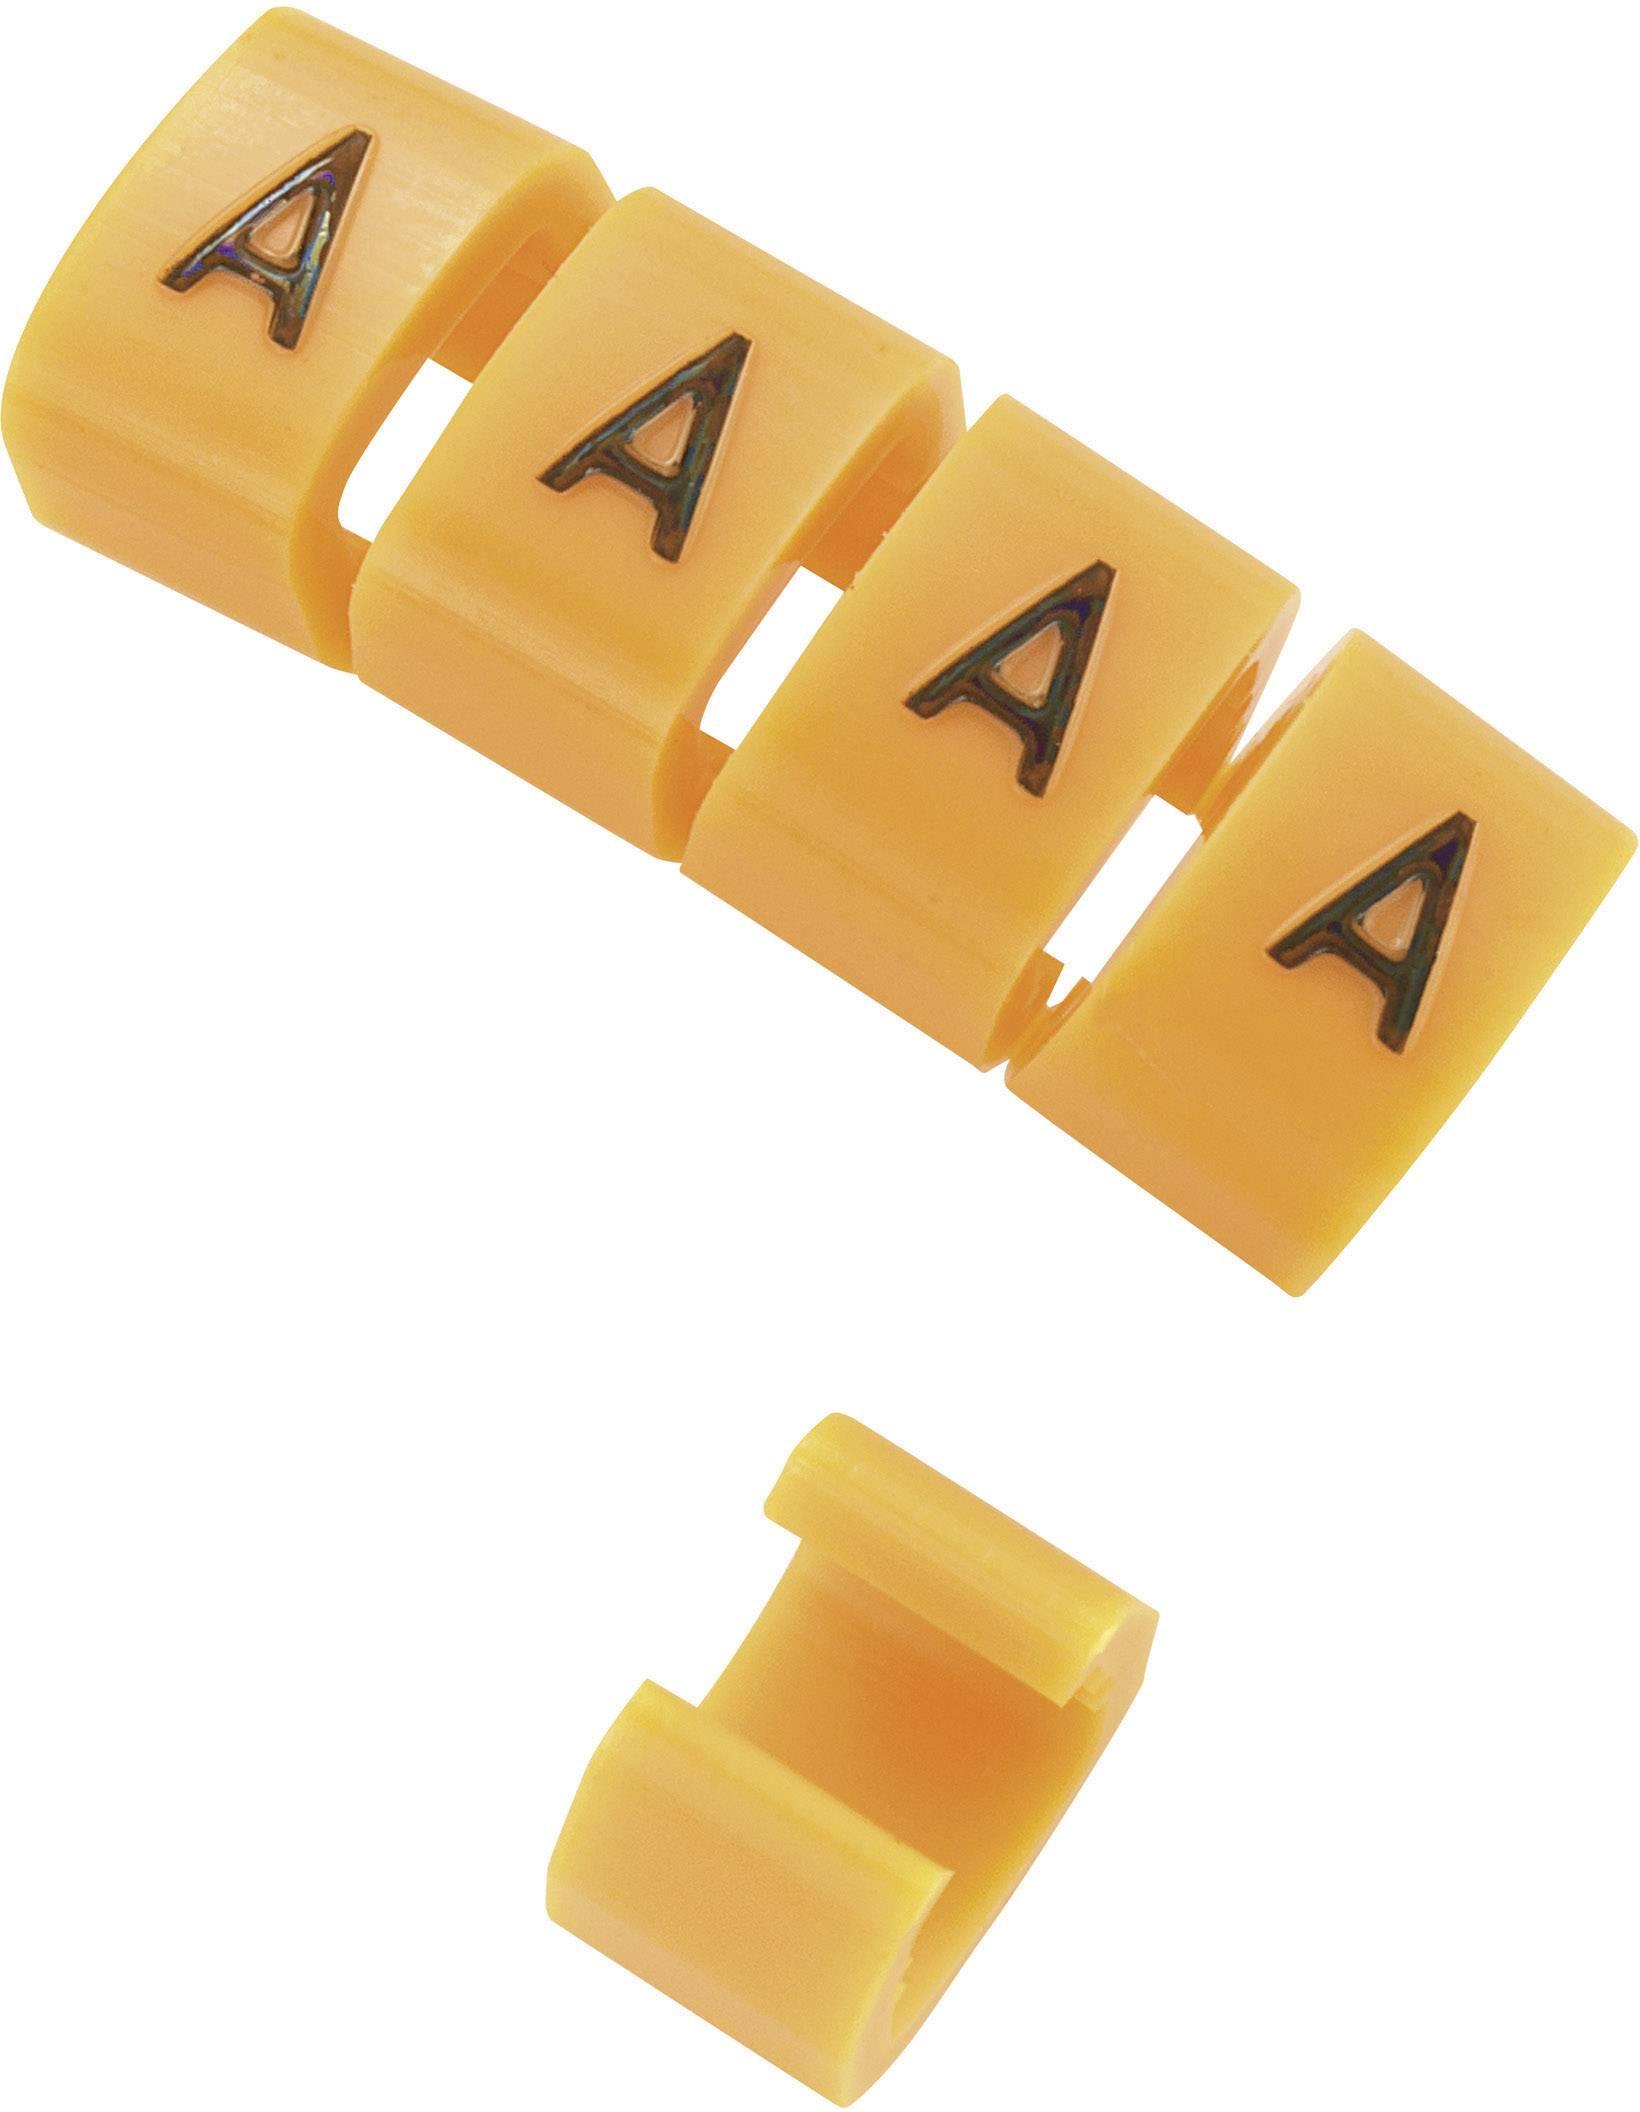 Označovacie objímka na káble KSS MB2/I, oranžová, 10 ks